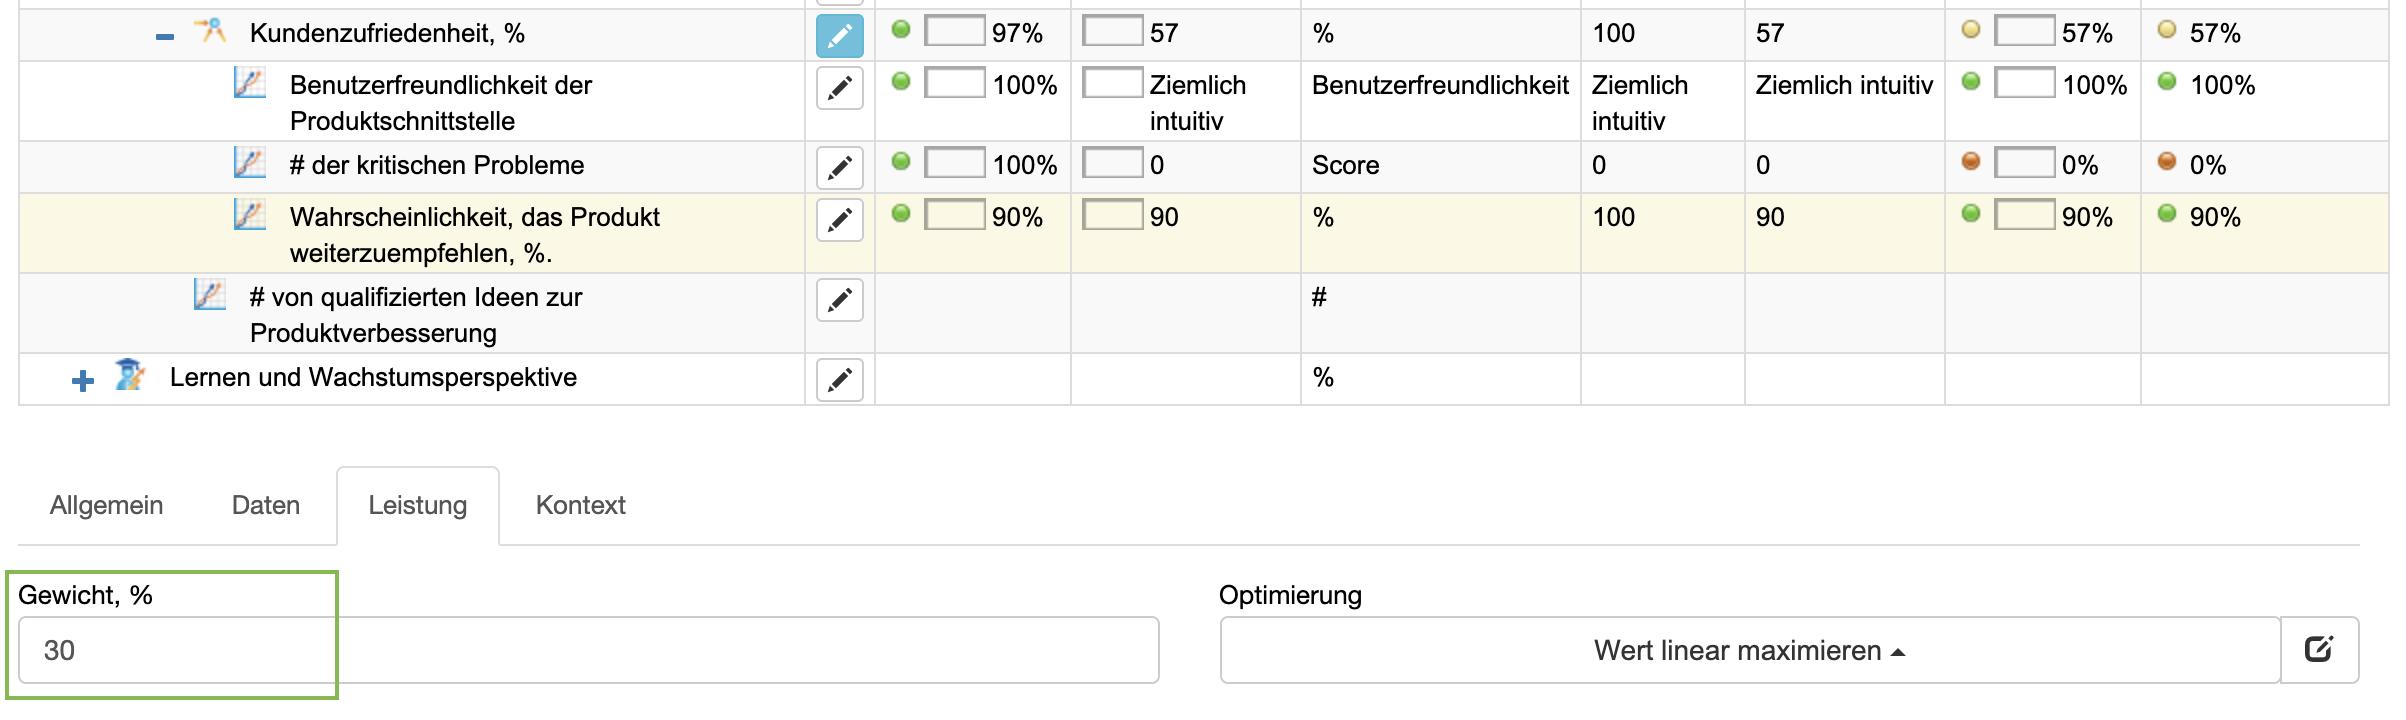 Ein Beispiel für Indexkennzahlen mit Gewichtung